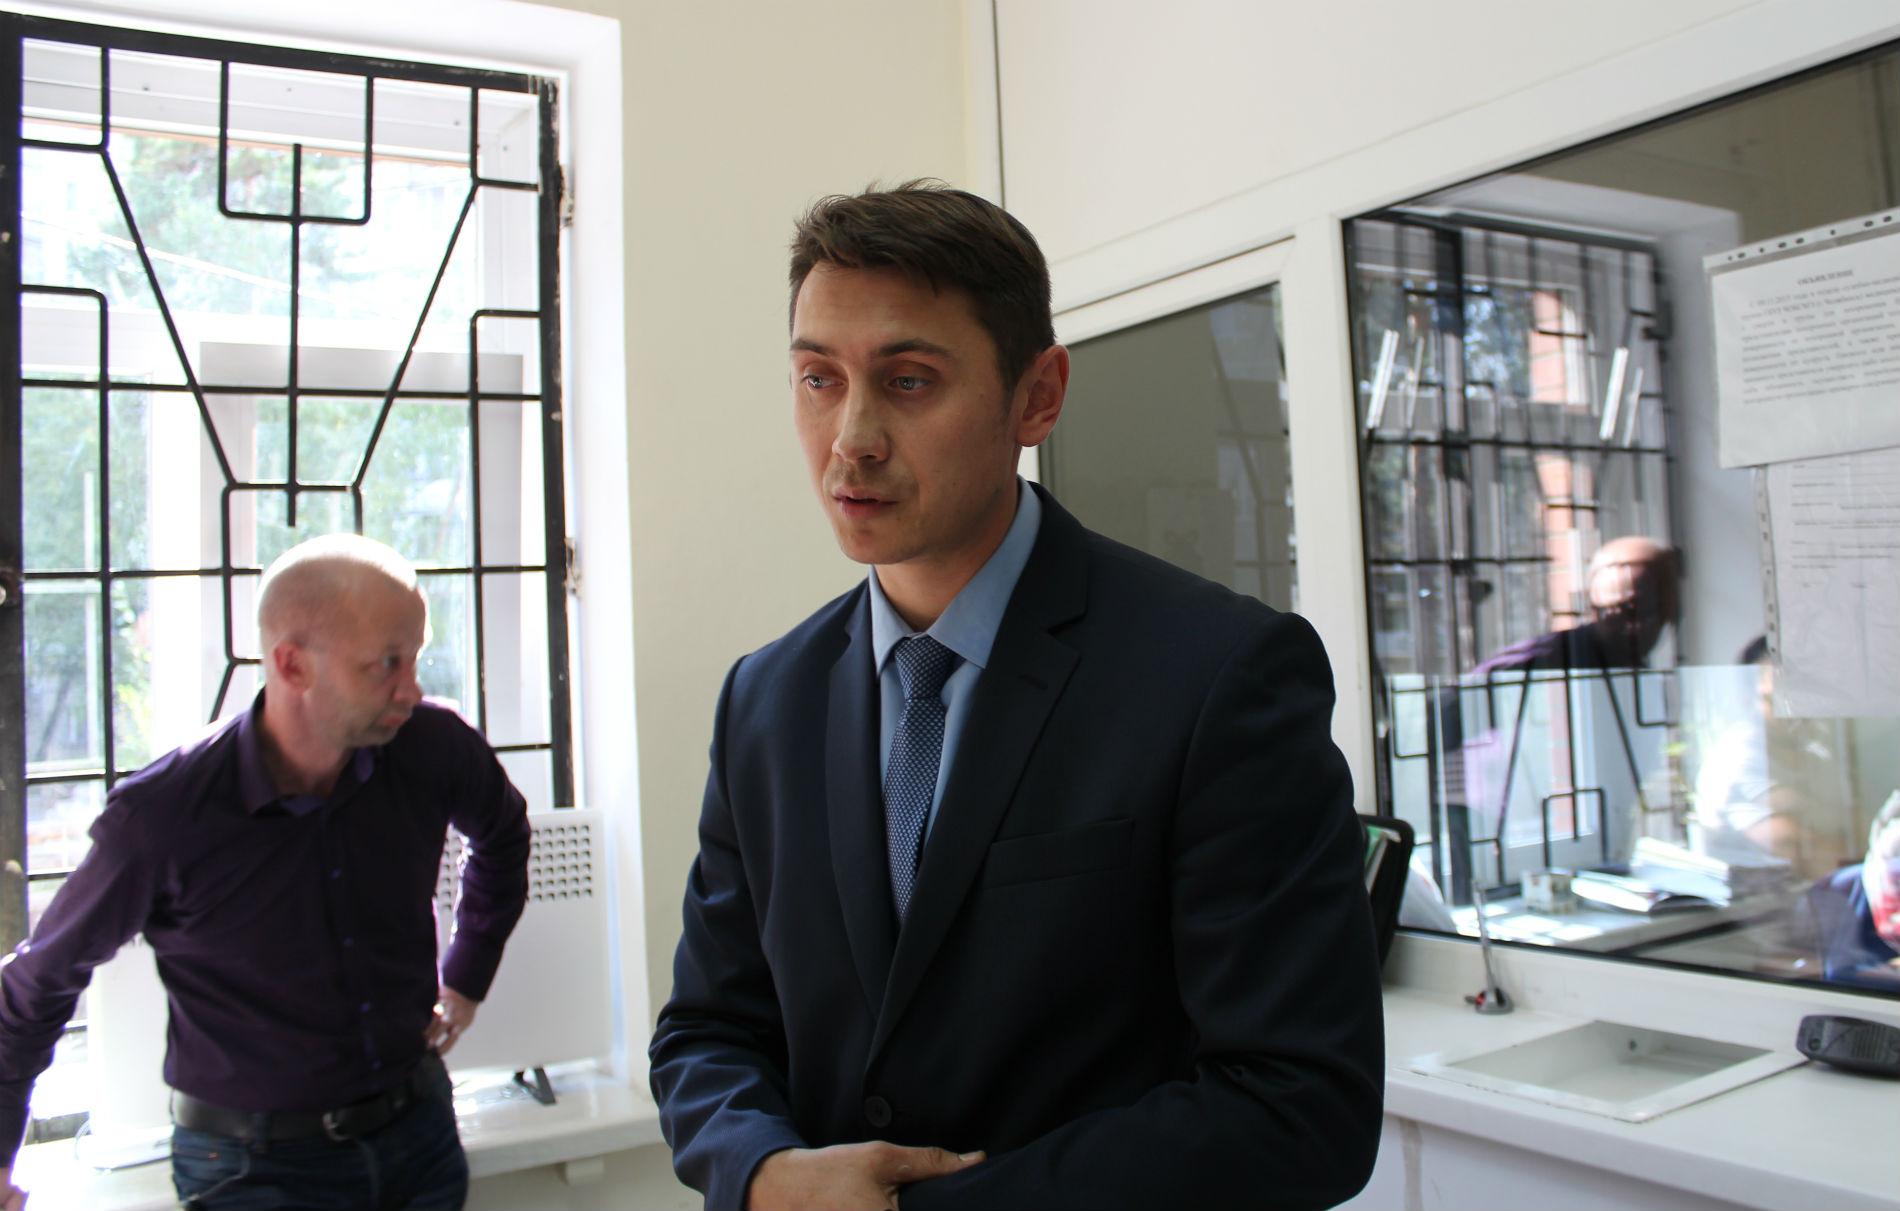 Церемониймейстер Эдуард Жуков утверждает, что готовить усопших к погребению приходится дважды